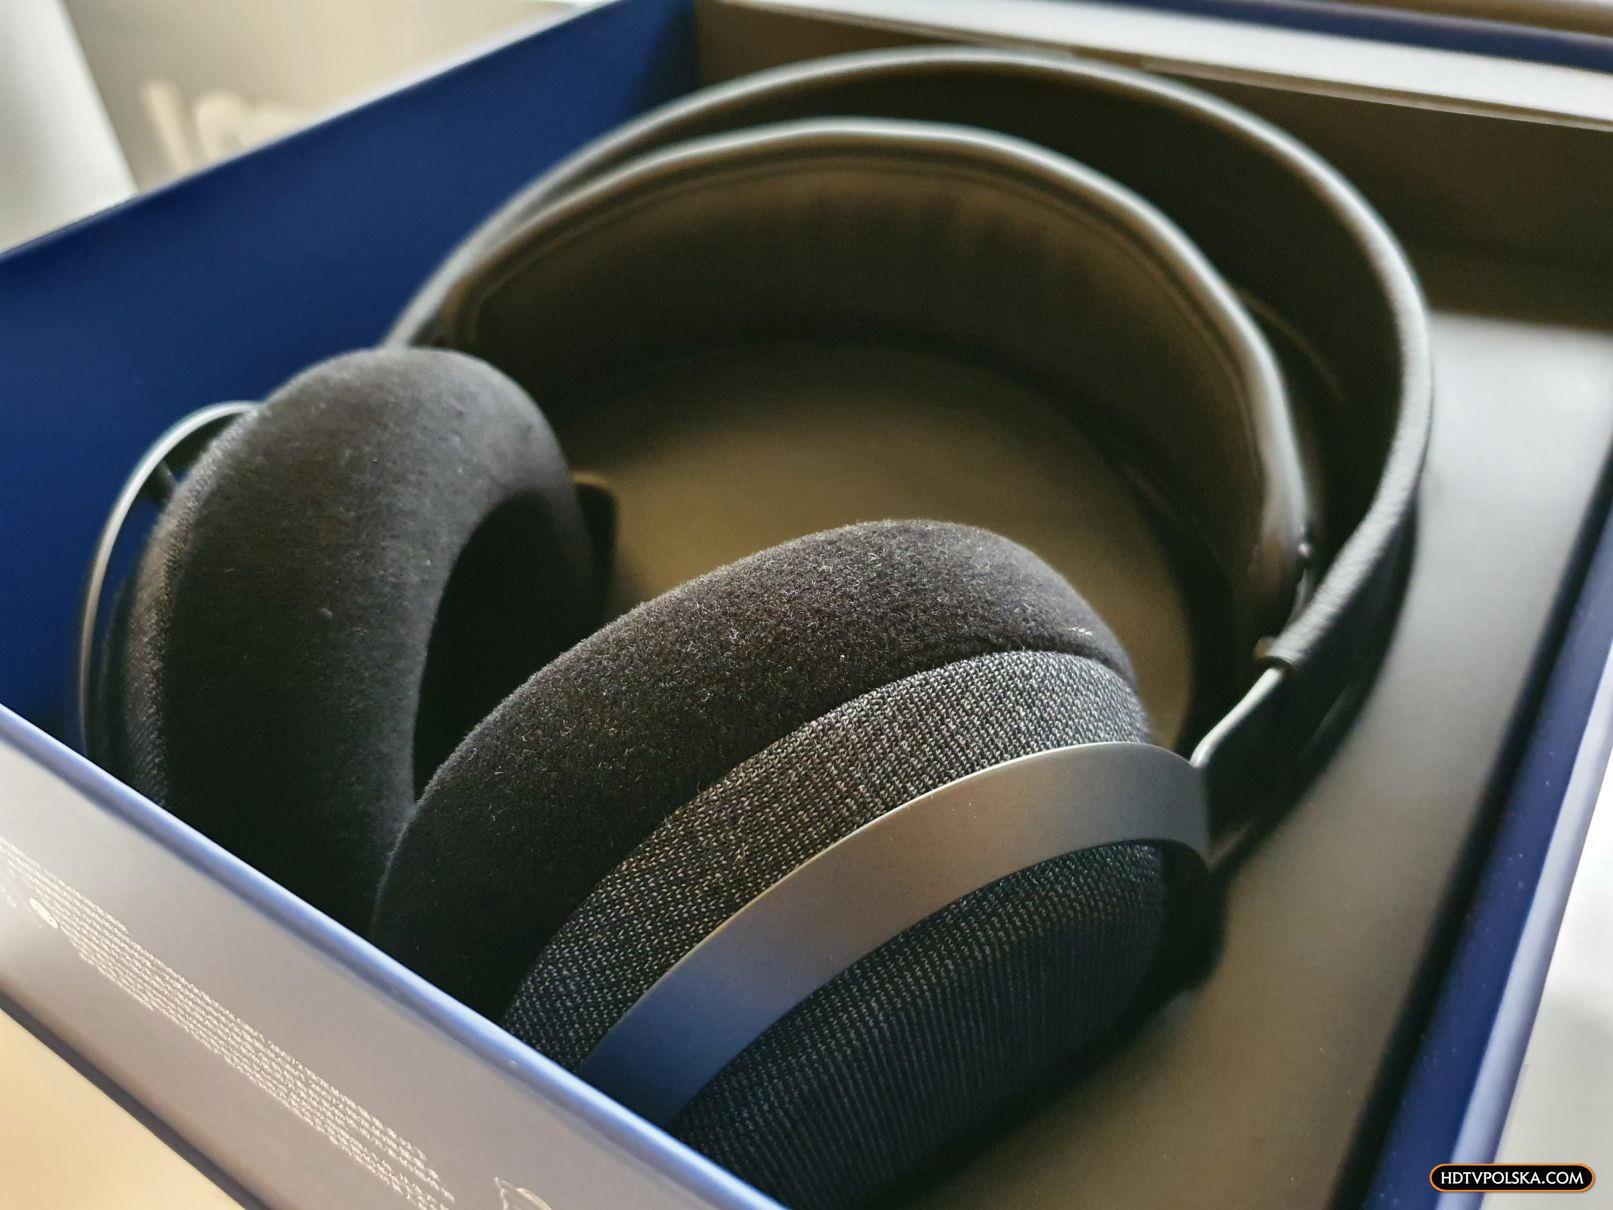 Test słuchawki Philips Fidelio X3 pudło wygląd